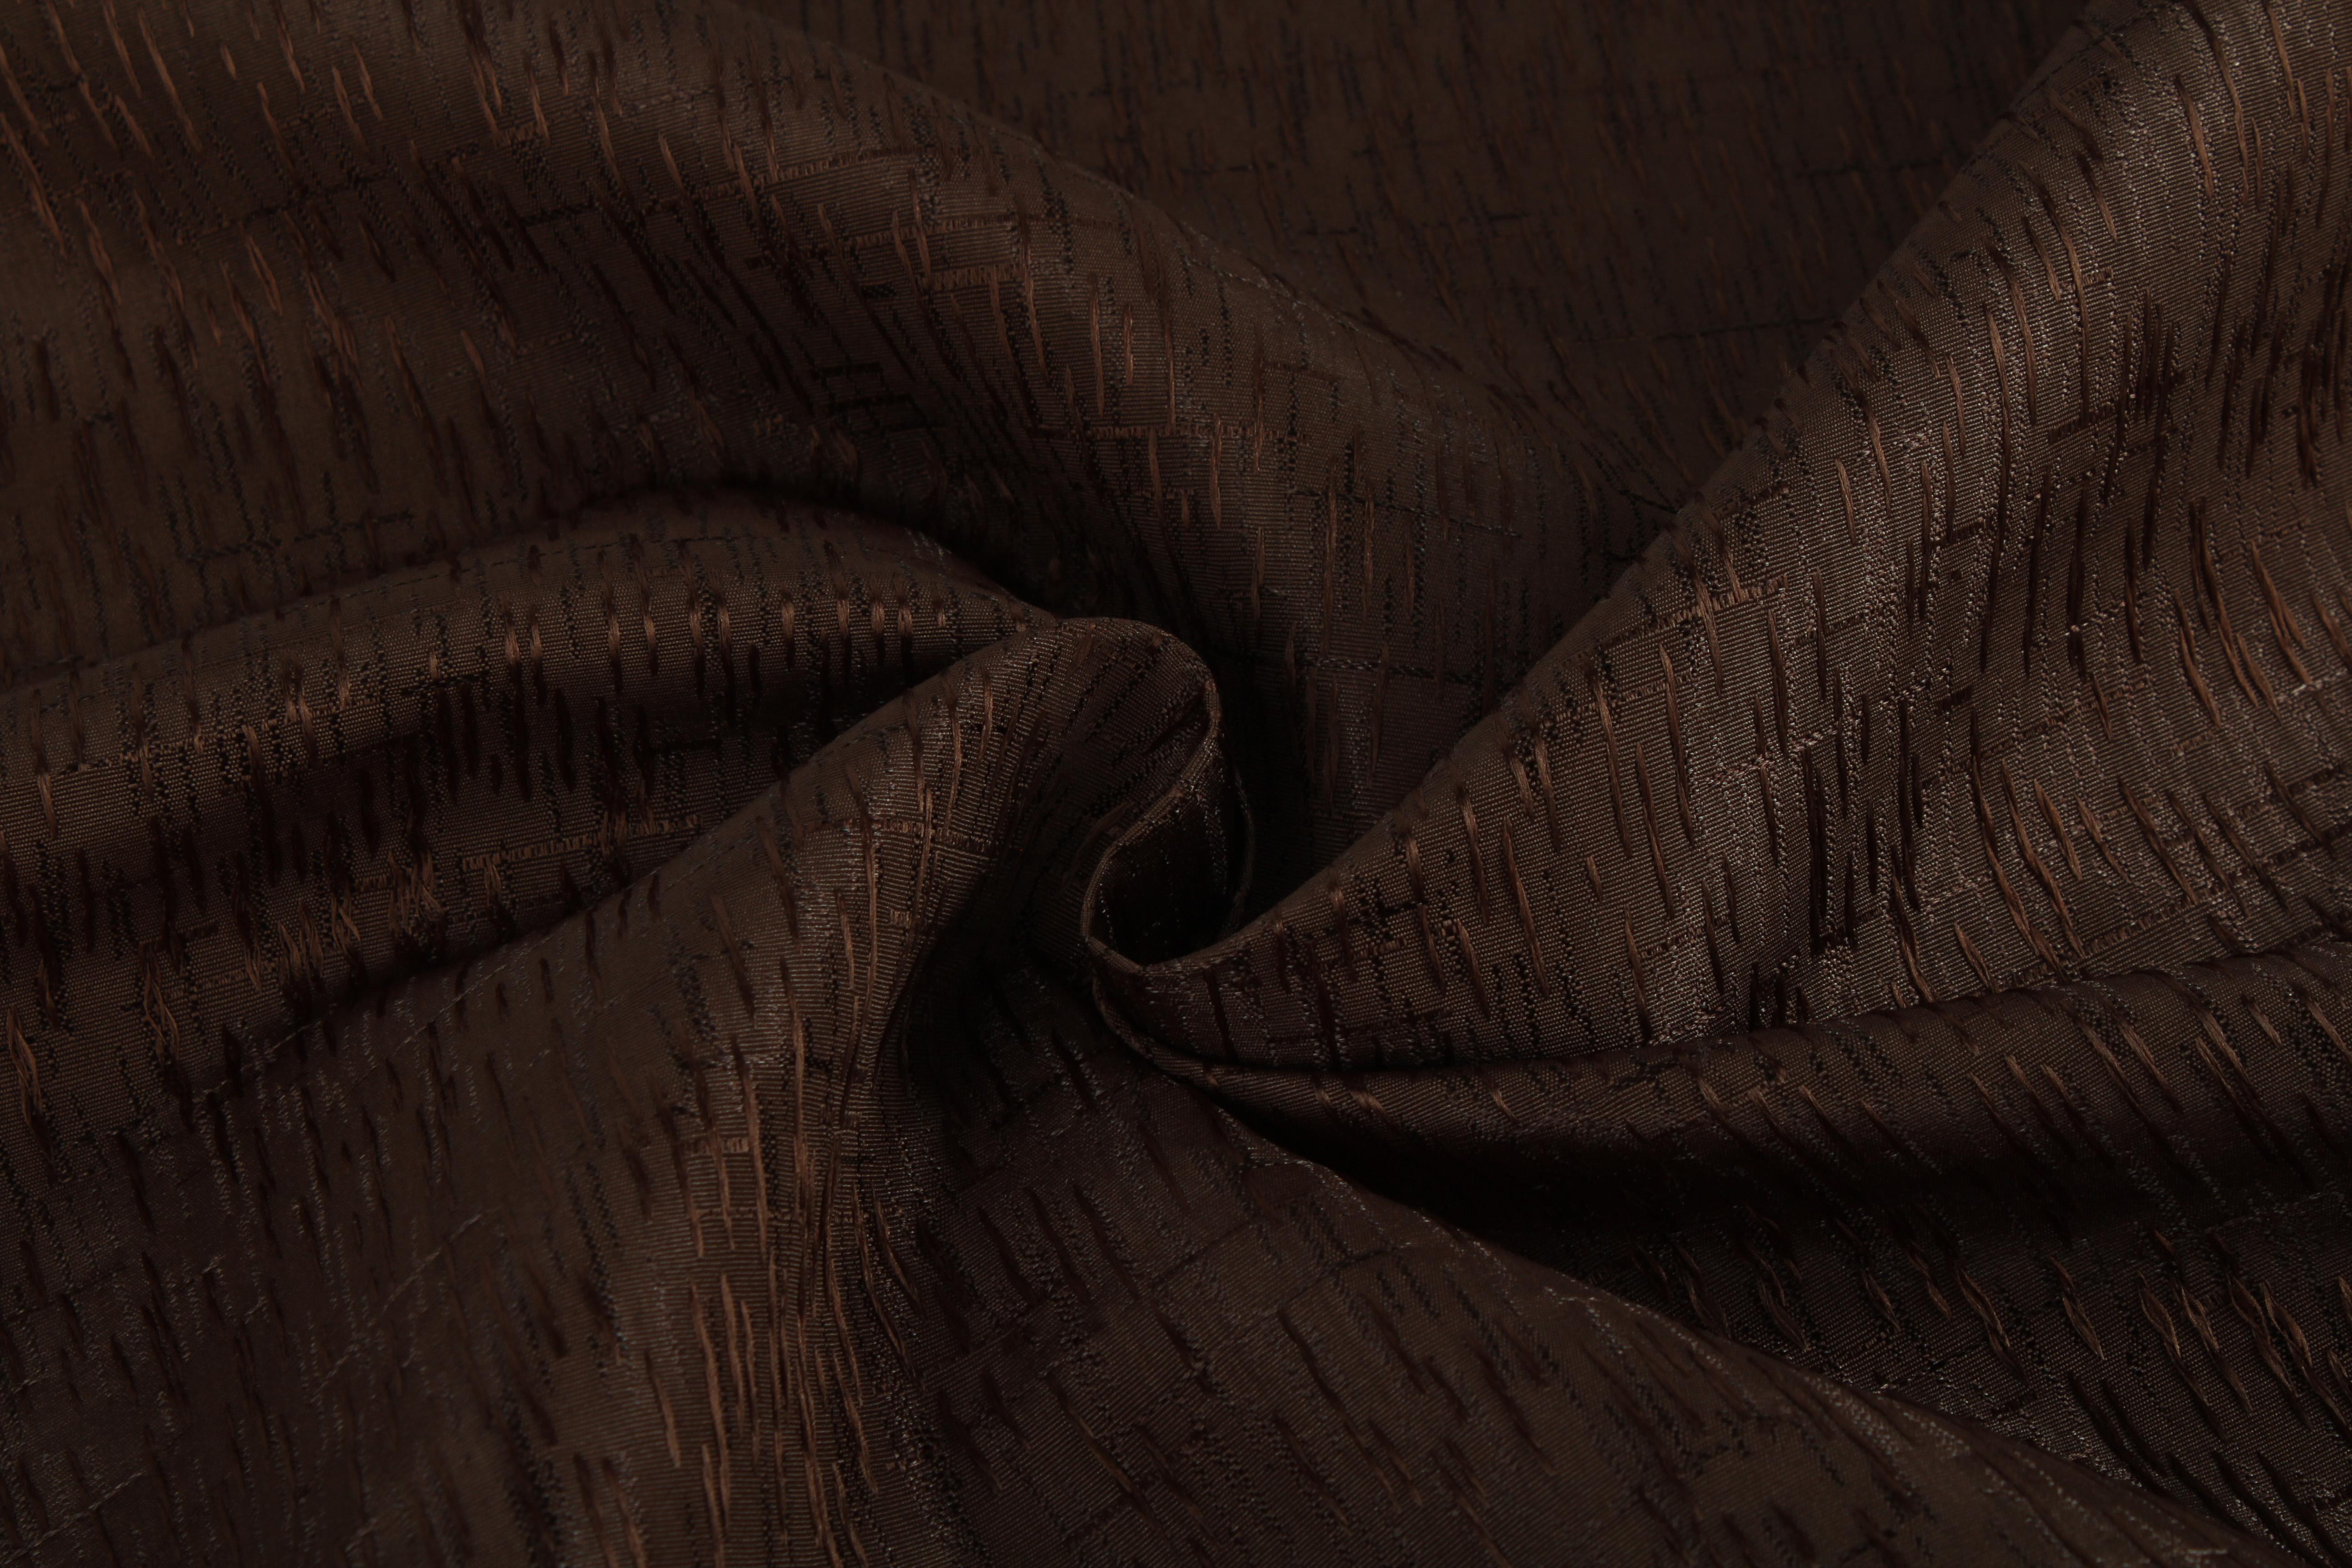 Купить Ткани TexRepublic, Материал Жаккард Birch Цвет: Венге, Китай, Коричневый